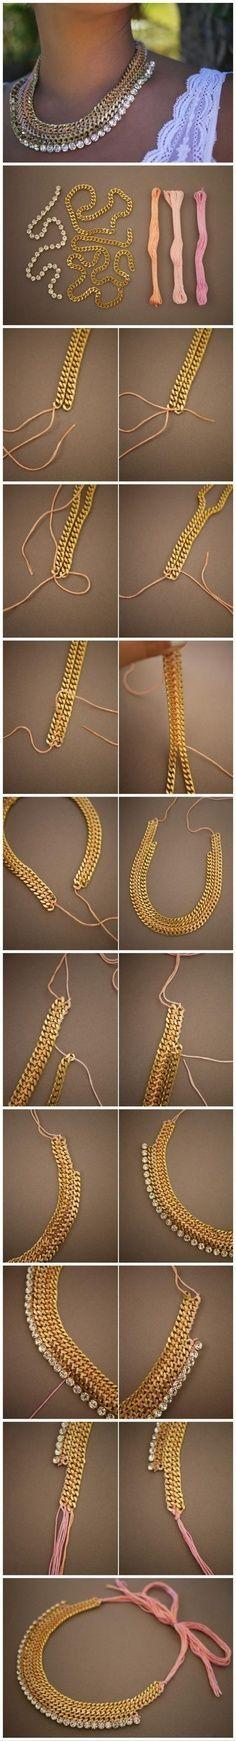 7 idées tops pour faire ses bijoux soi-même – Astuces de filles